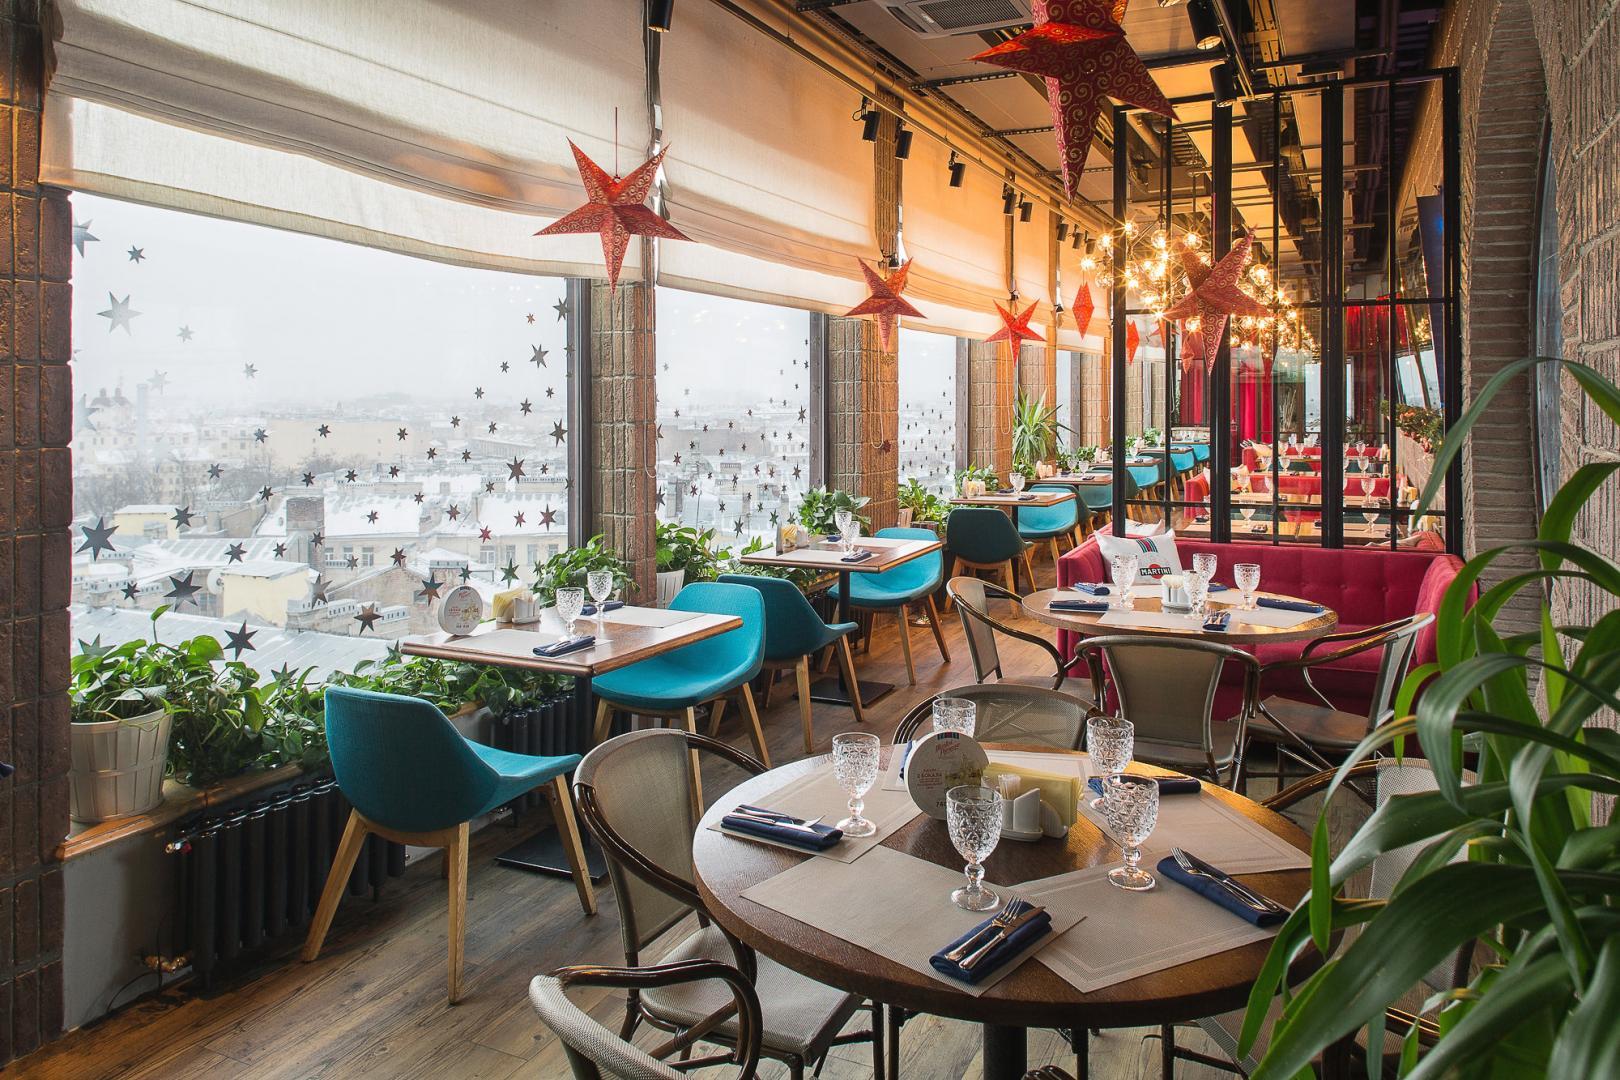 Рестораторы готовы закрыть свой бизнес из-за «бегловских» ограничений